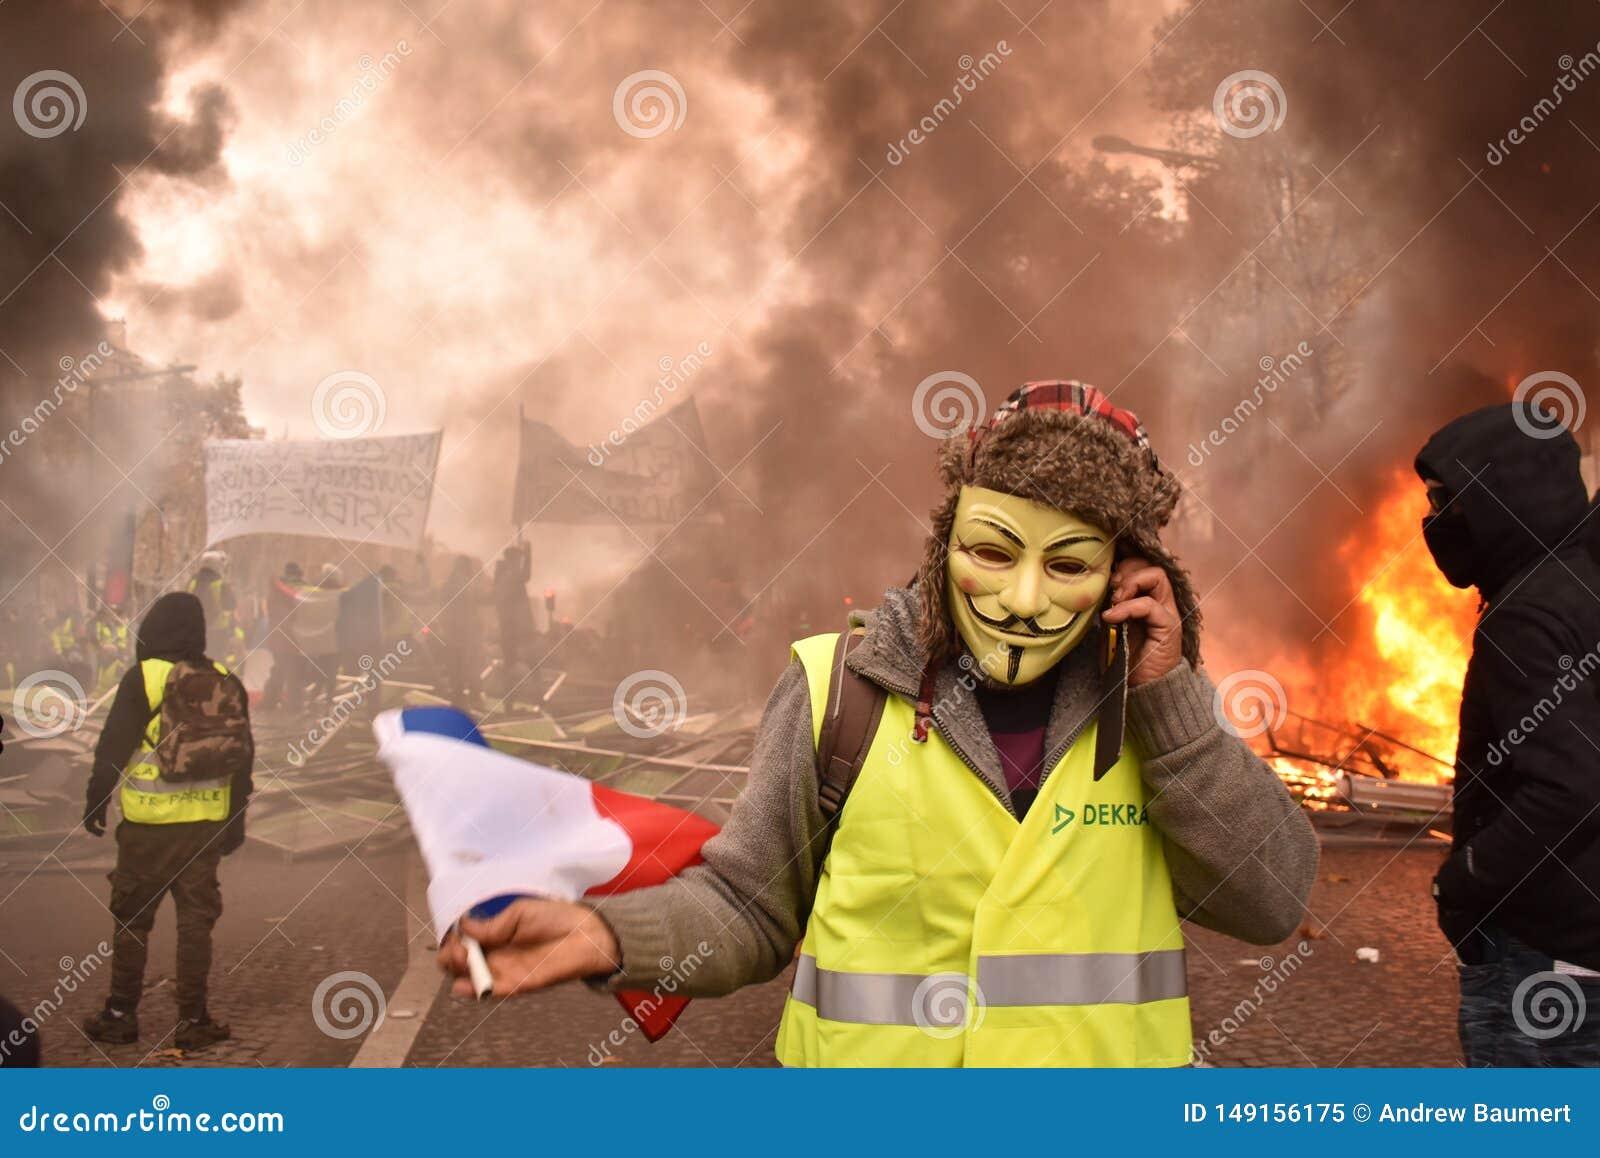 Fransk gul västprotesterare som bär den Guy Fawkes maskeringen på en demonstration i Paris